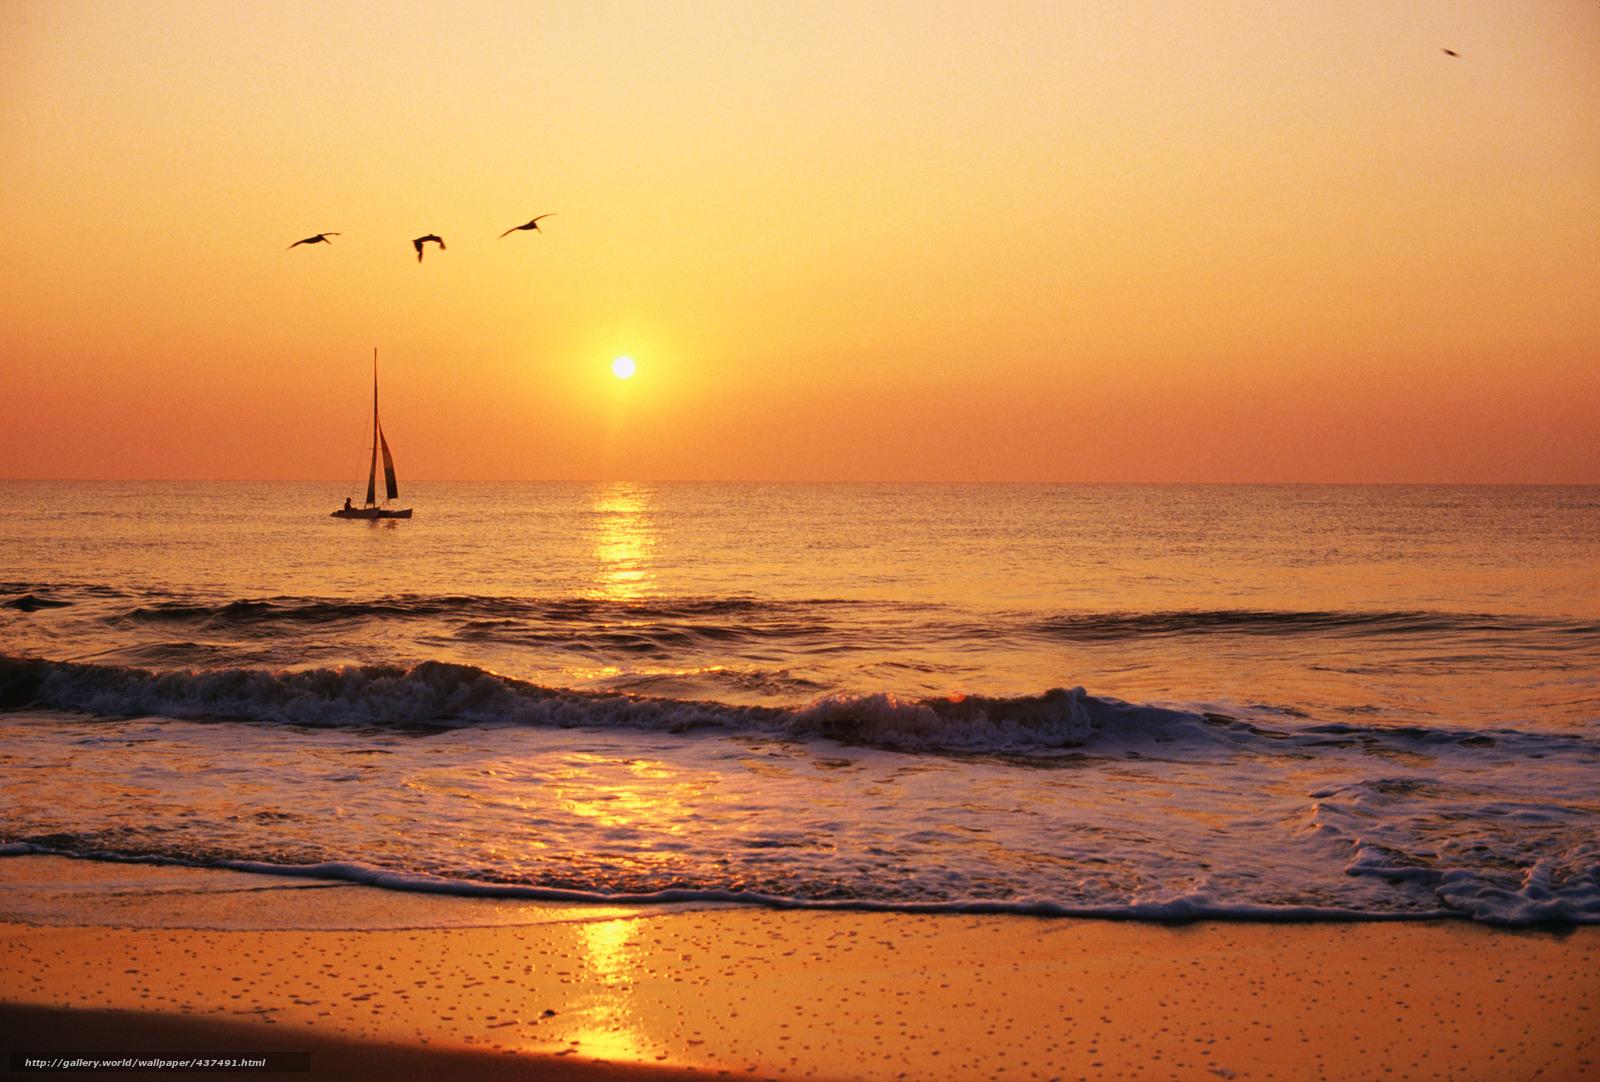 Время восхода и захода солнца на сегодня и завтра погода